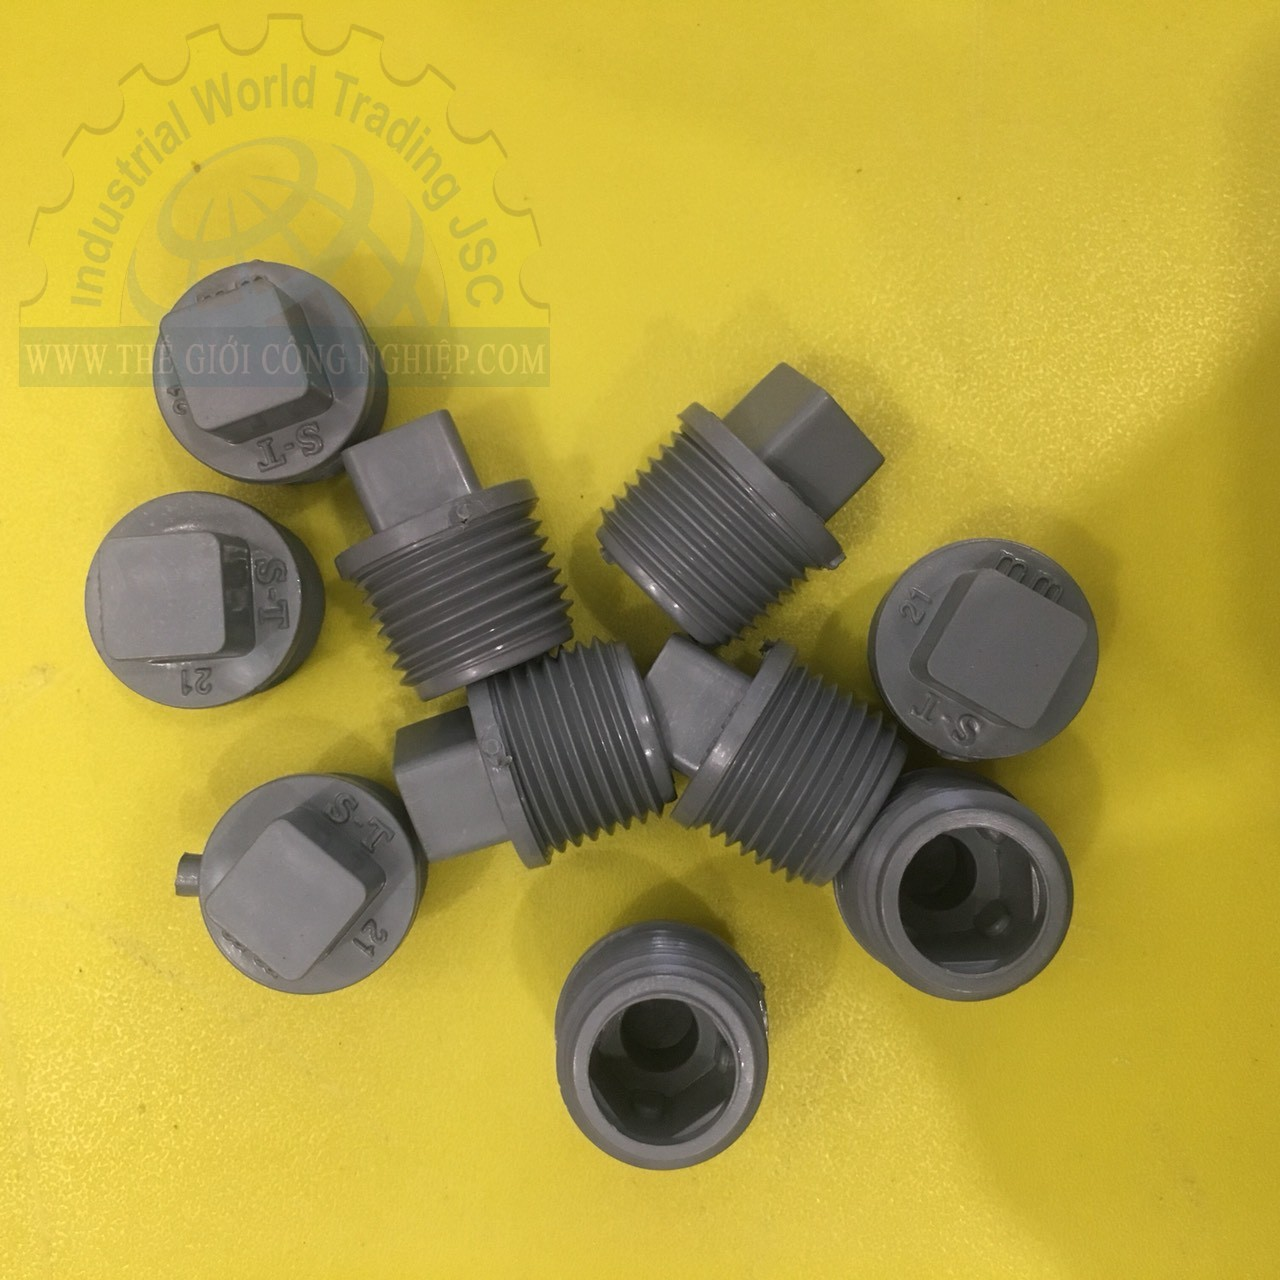 Bít ren ngoài cho ống nhựa 21mm  TGCN-30654 SieuThanhPlastic